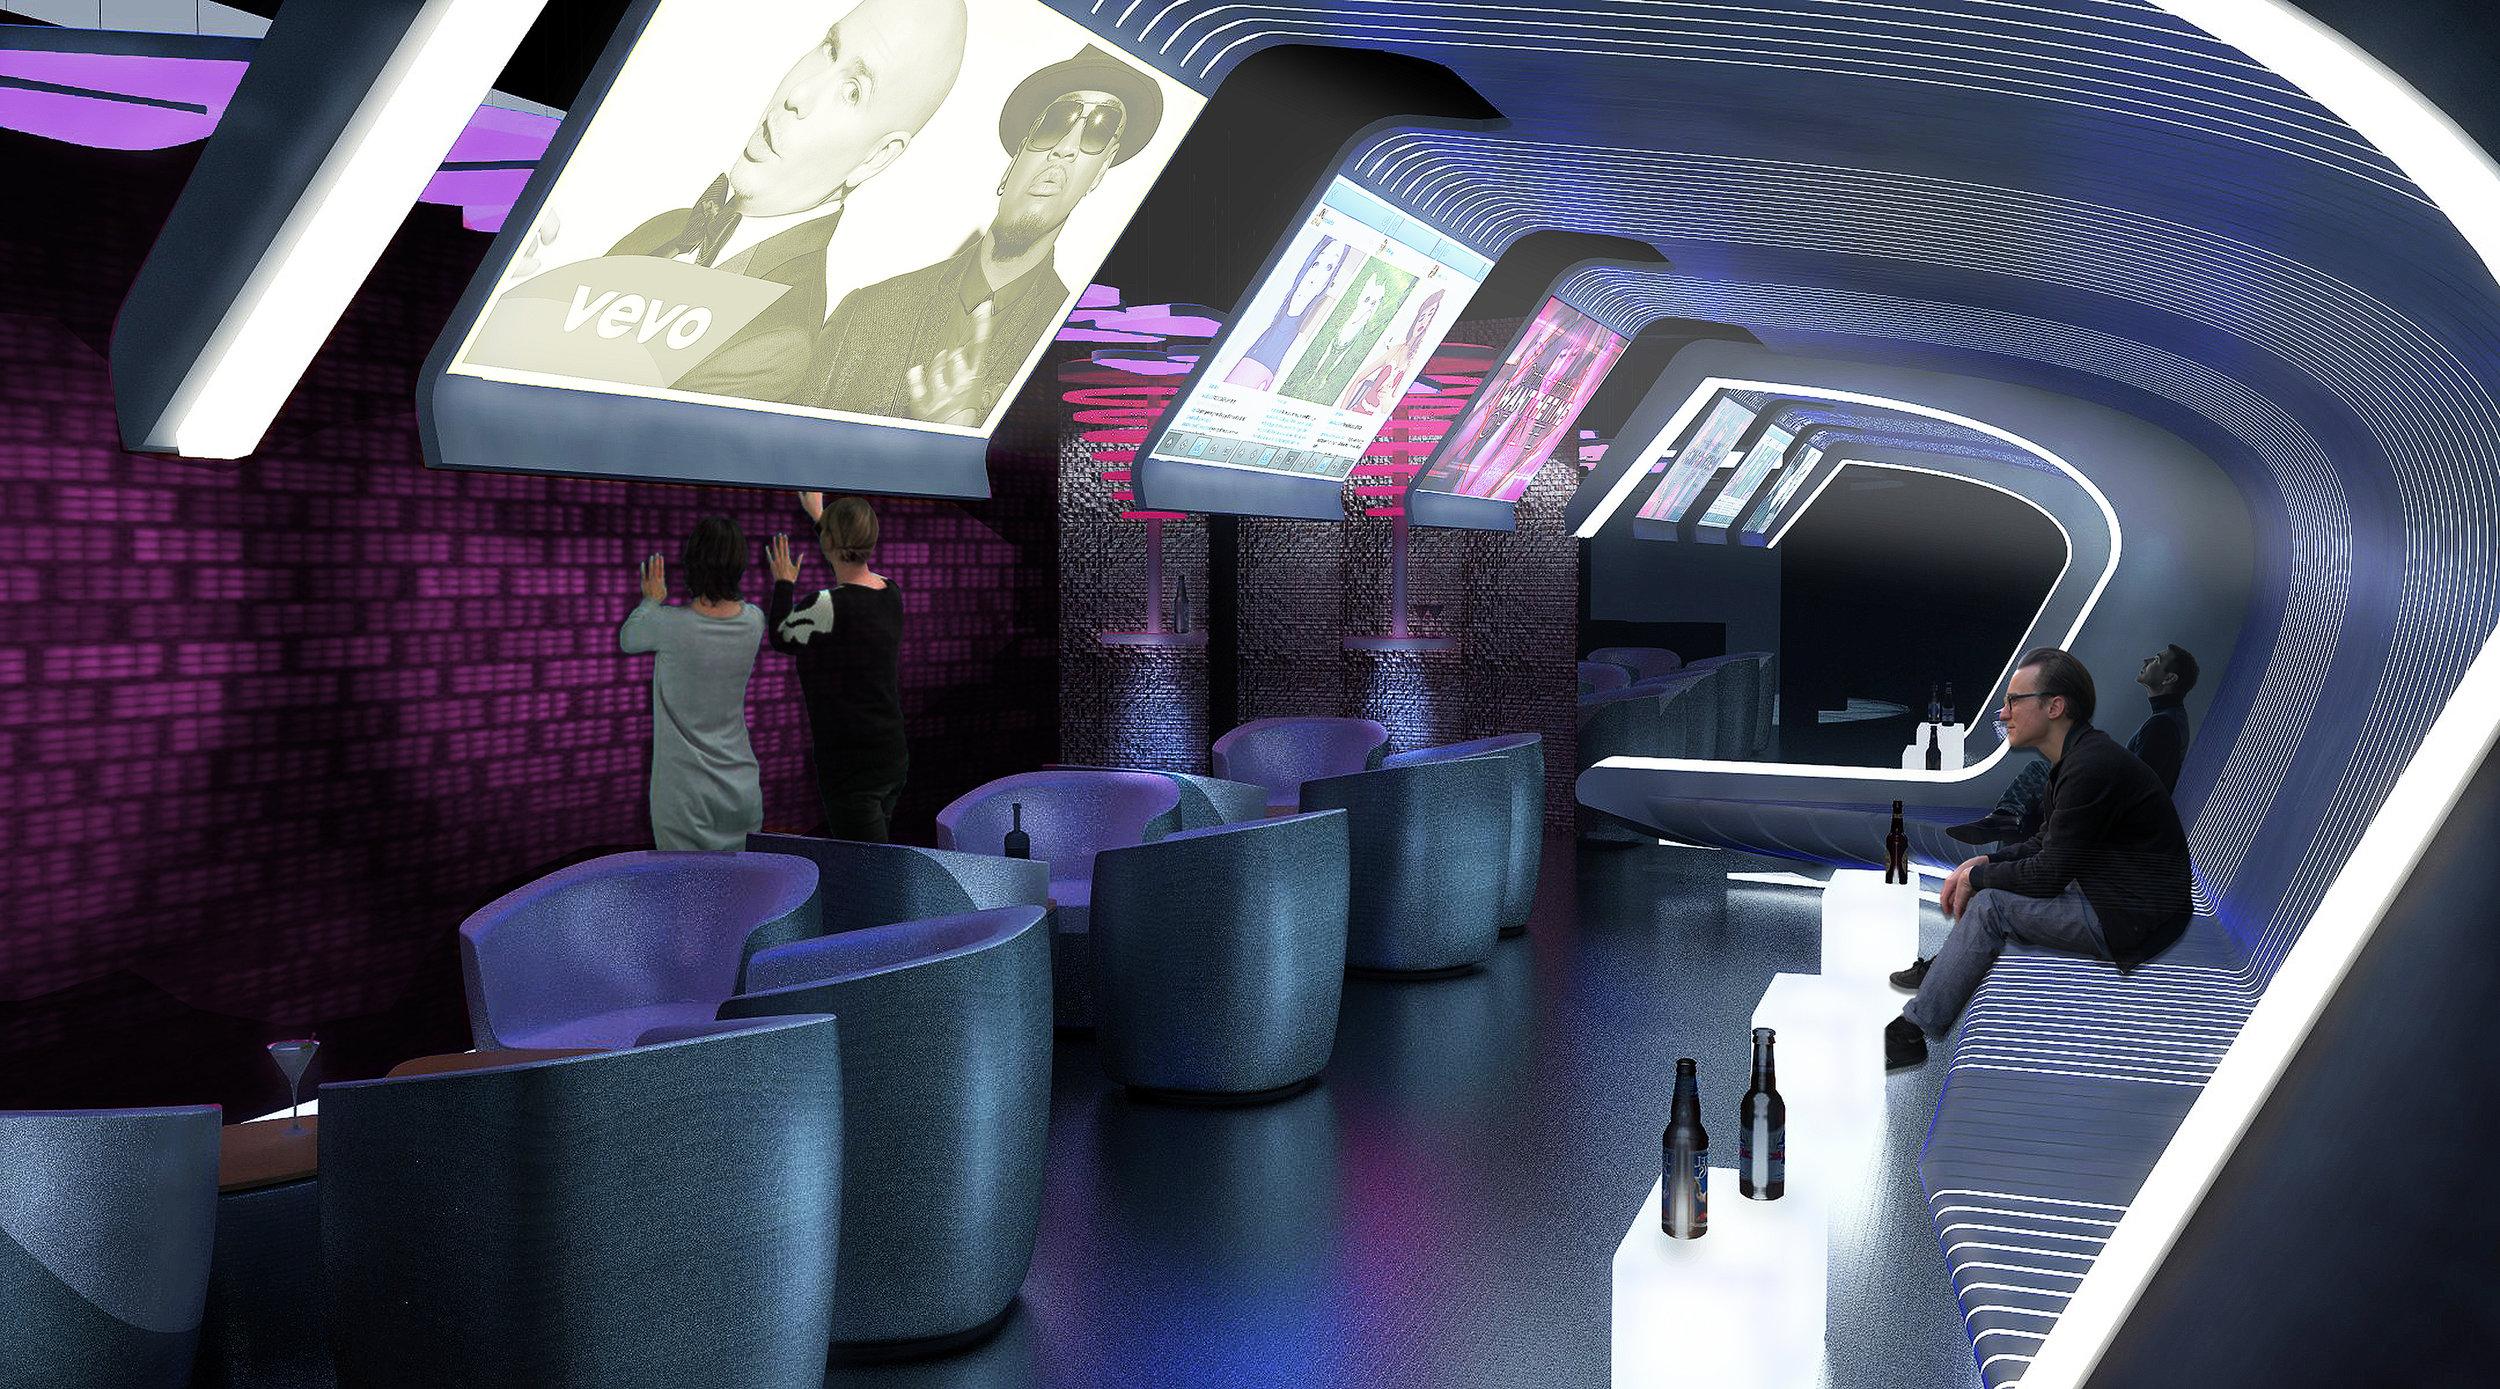 silvia-landinez-franzi-yiju-chen-juliana-sorzano-dailyrious-new-york-mps-sustainable-interior-environments-commercial-project_17020749774_o.jpg